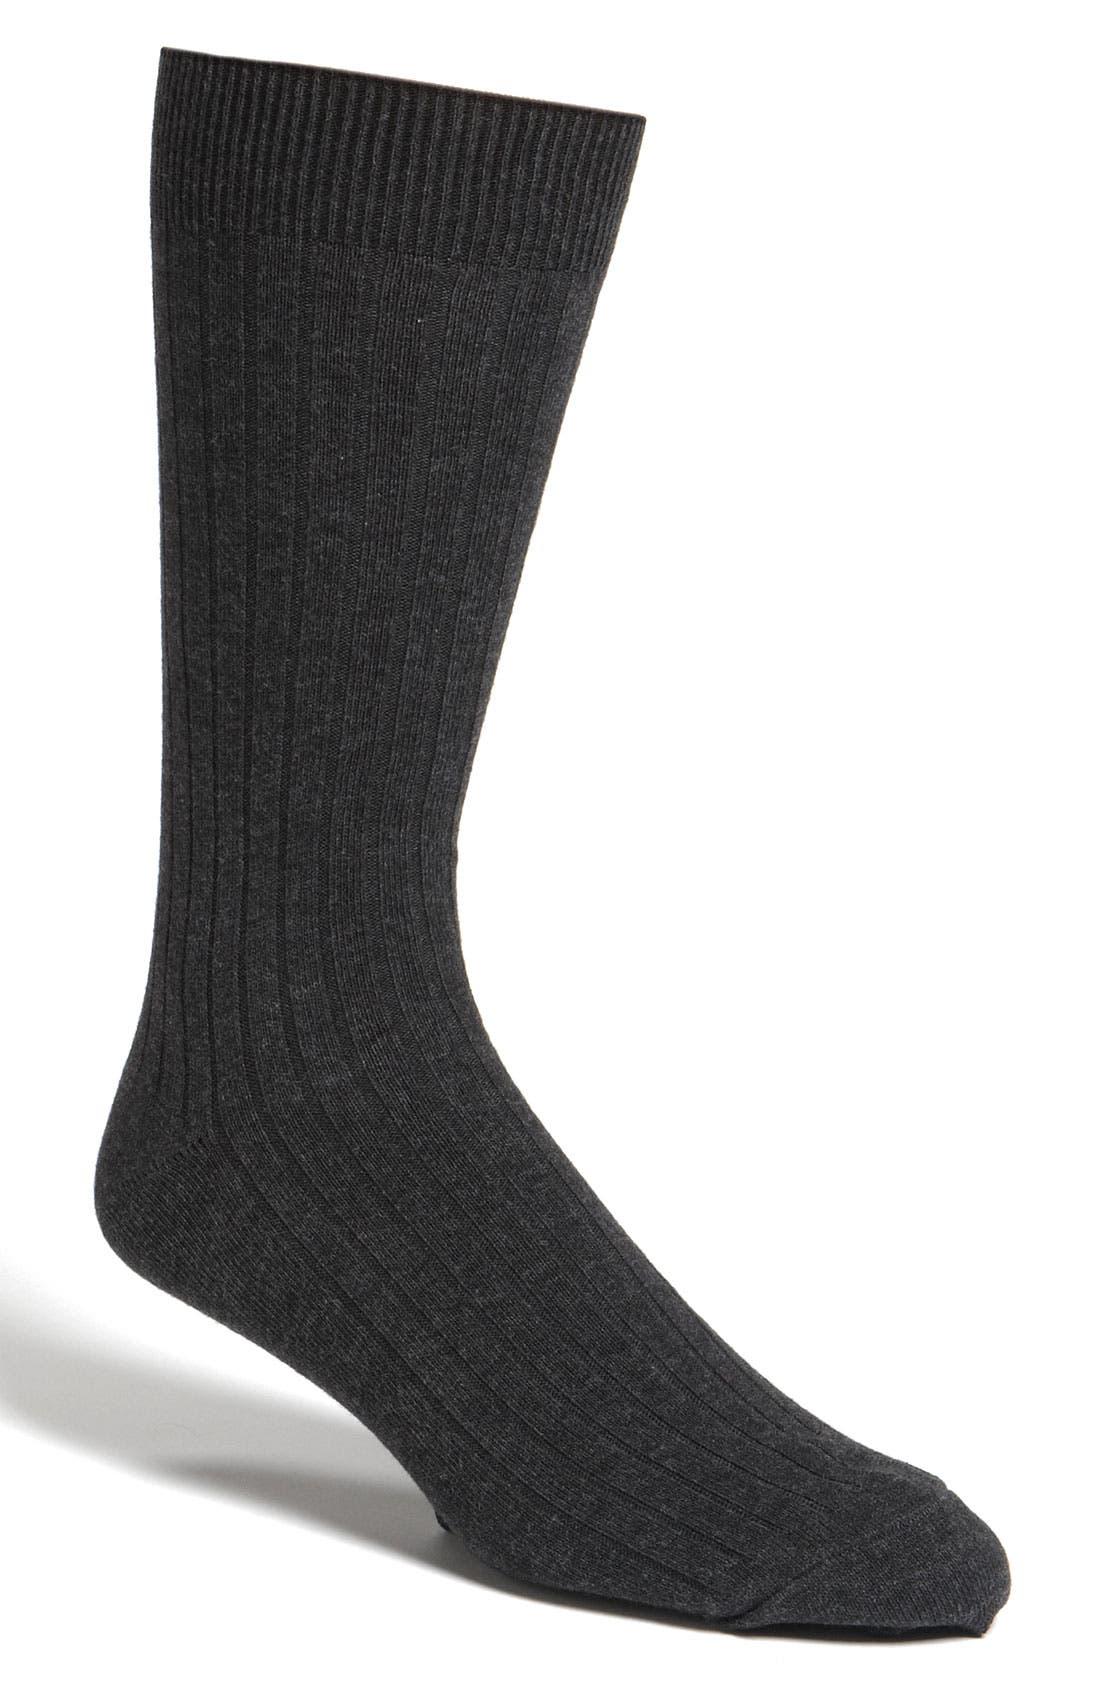 NORDSTROM MEN'S SHOP Cotton Blend Socks, Main, color, BLACK HEATHER